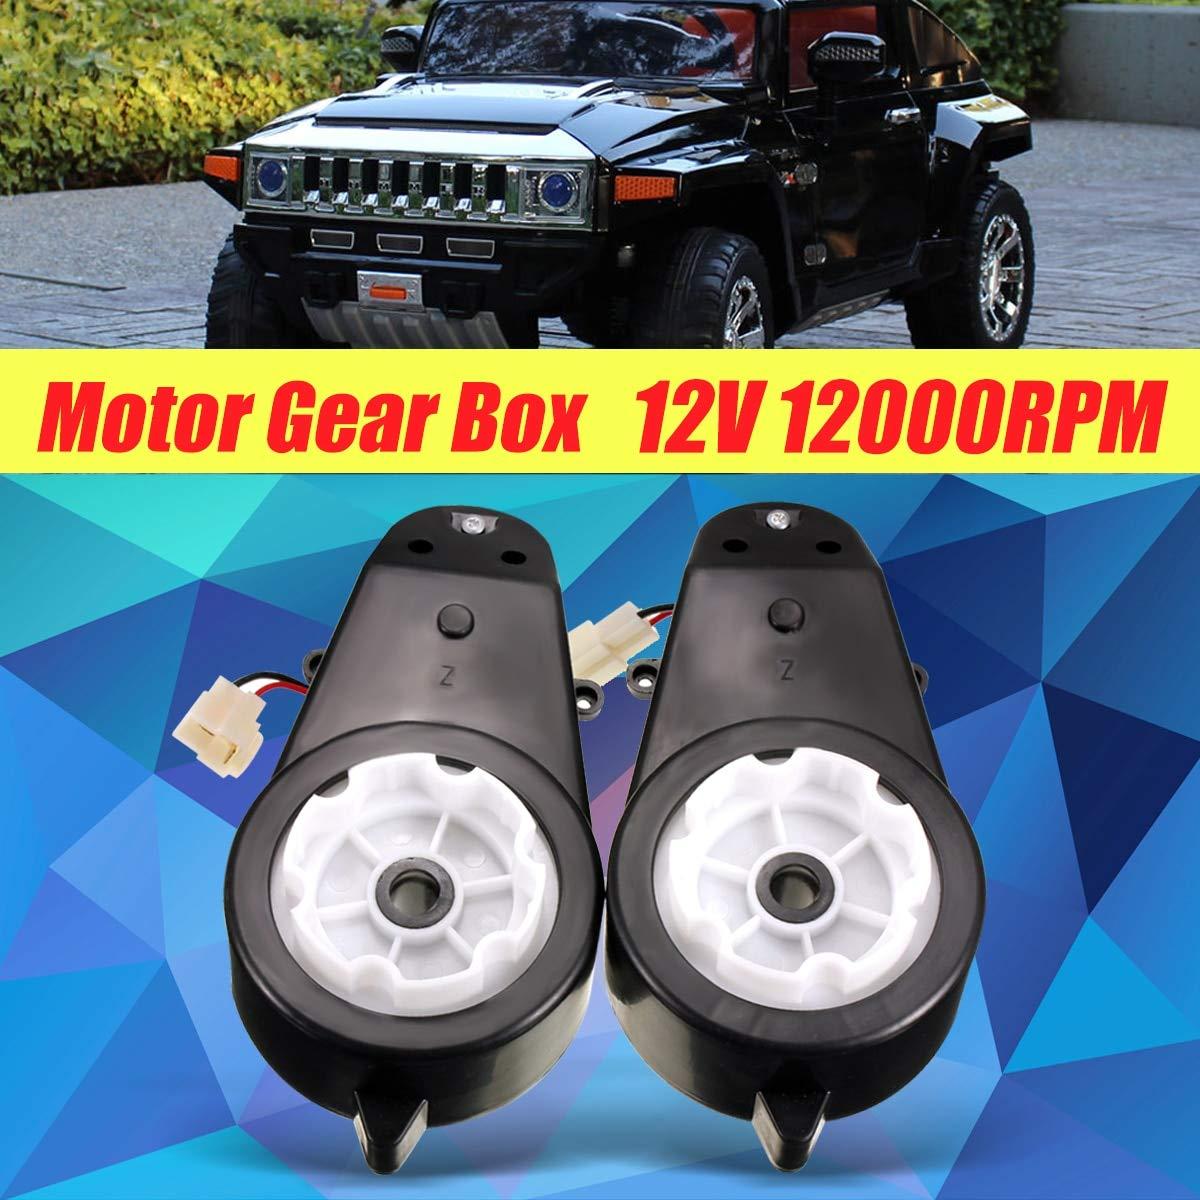 Amazon.com: GOLDEN14STAR - 114V Ride On Electric Car Motor ...   12v hummer